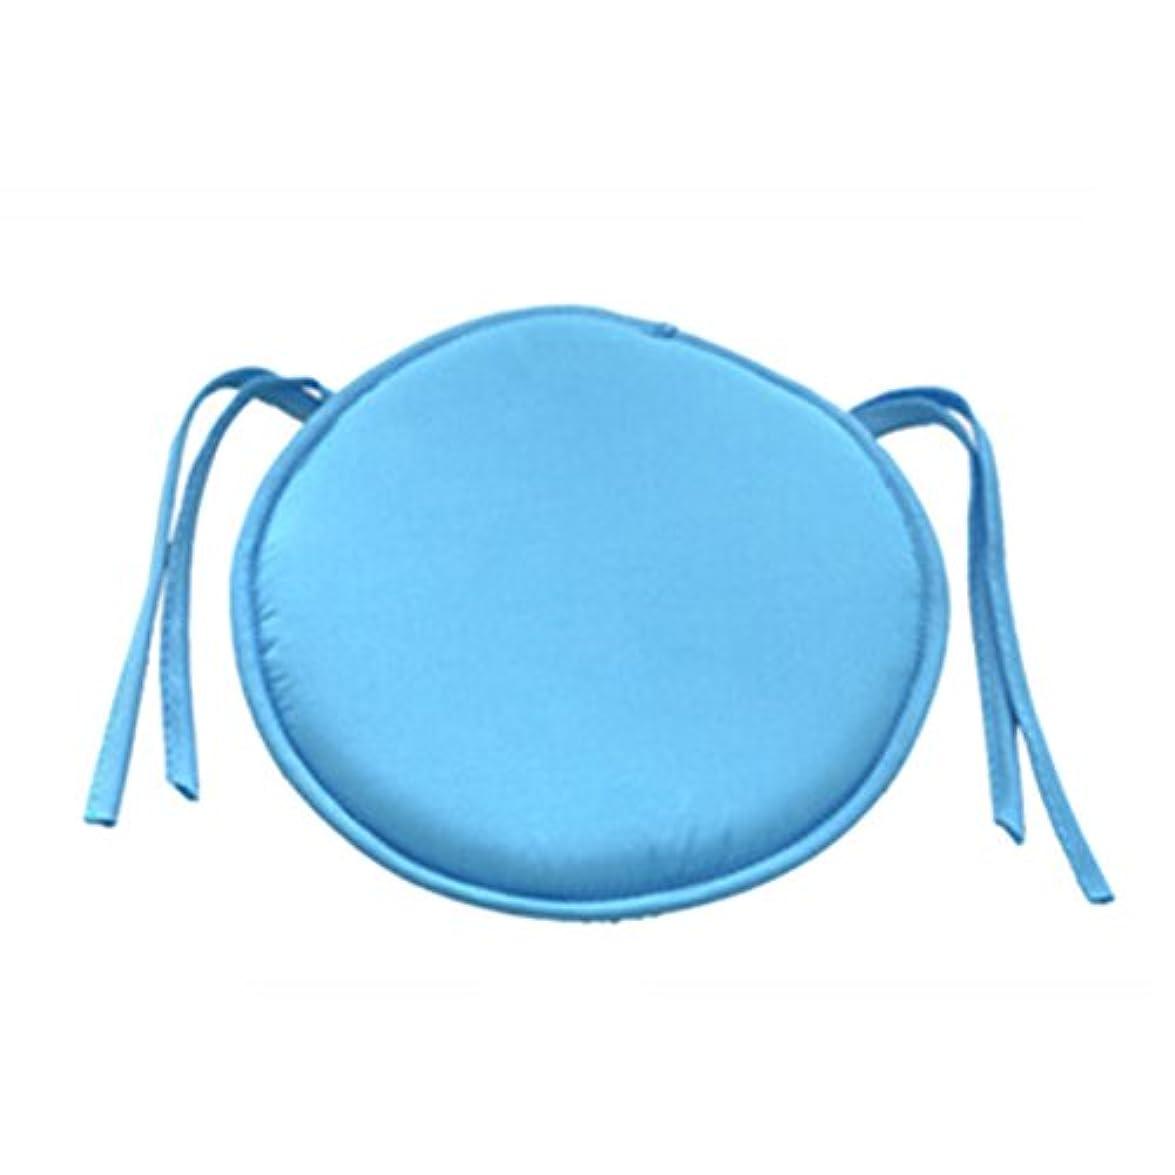 無数の私マトリックスSMART ホット販売ラウンドチェアクッション屋内ポップパティオオフィスチェアシートパッドネクタイスクエアガーデンキッチンダイニングクッション クッション 椅子